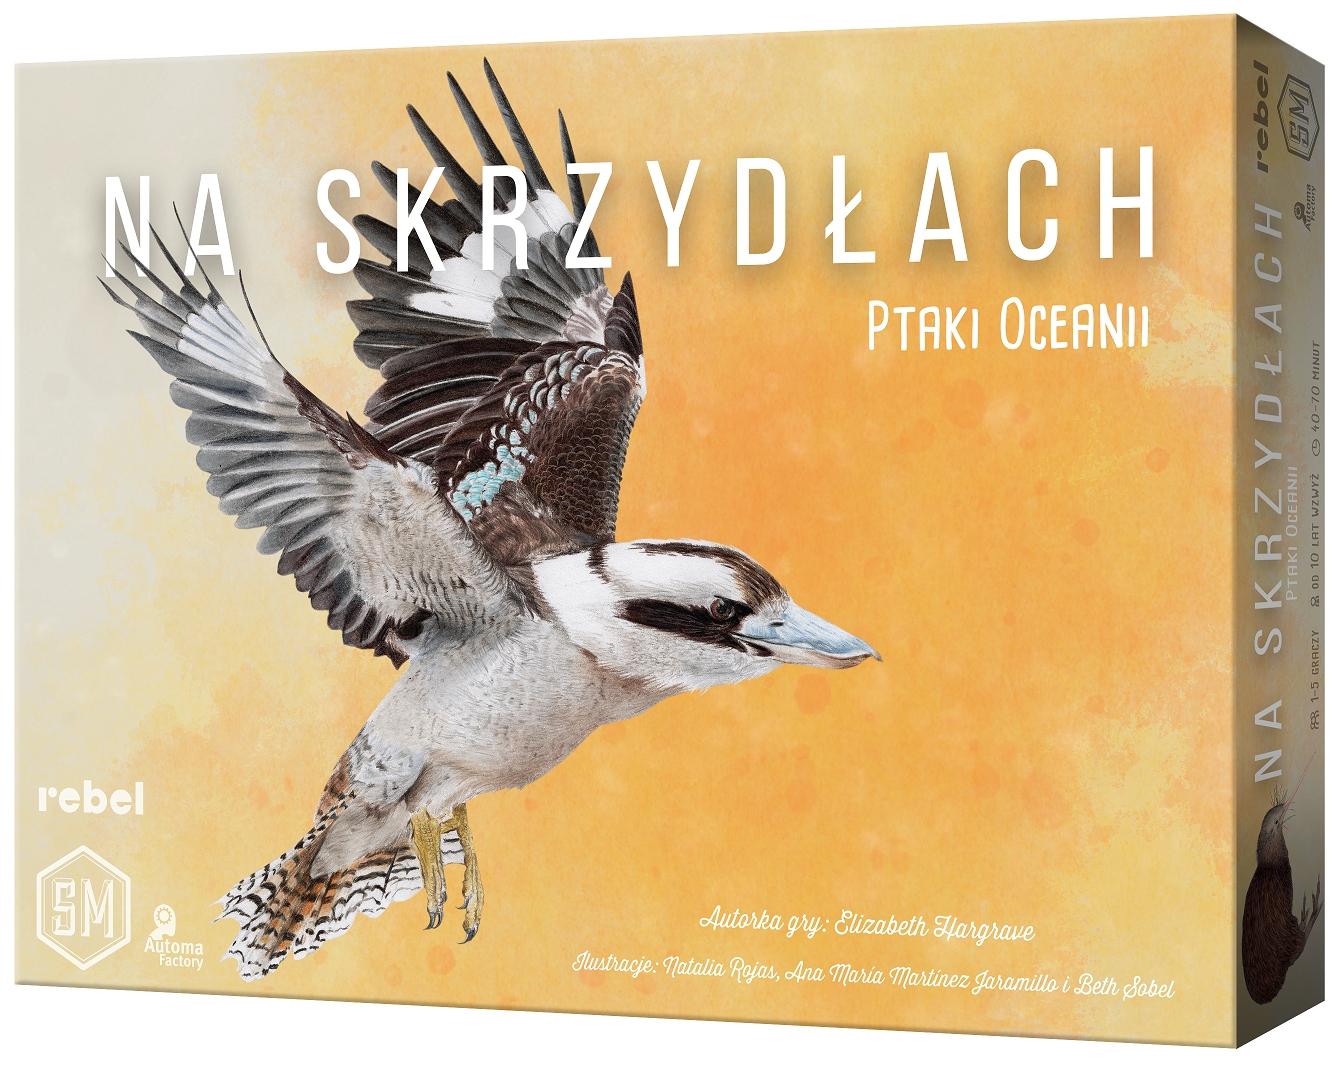 gra planszowa (dodatek) Na skrzydłach: Ptaki Oceanii